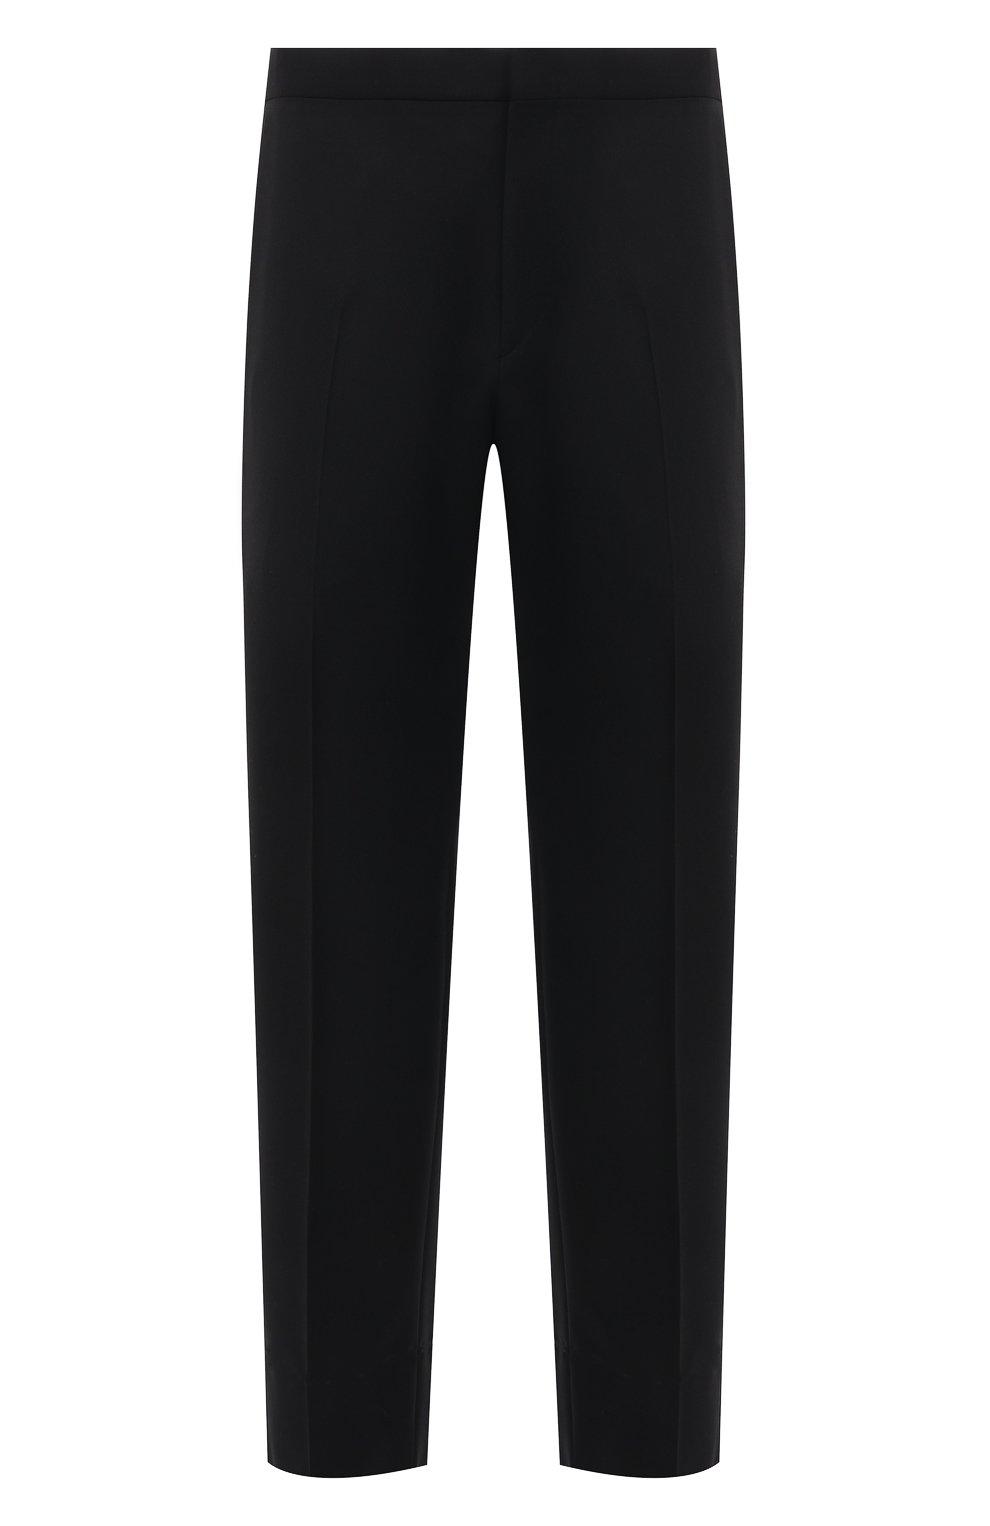 Мужские шерстяные брюки BRIONI черного цвета, арт. RQSB0L/09A25/THETA | Фото 1 (Материал внешний: Шерсть; Случай: Вечерний; Длина (брюки, джинсы): Стандартные; Стили: Классический; Материал подклада: Купро)